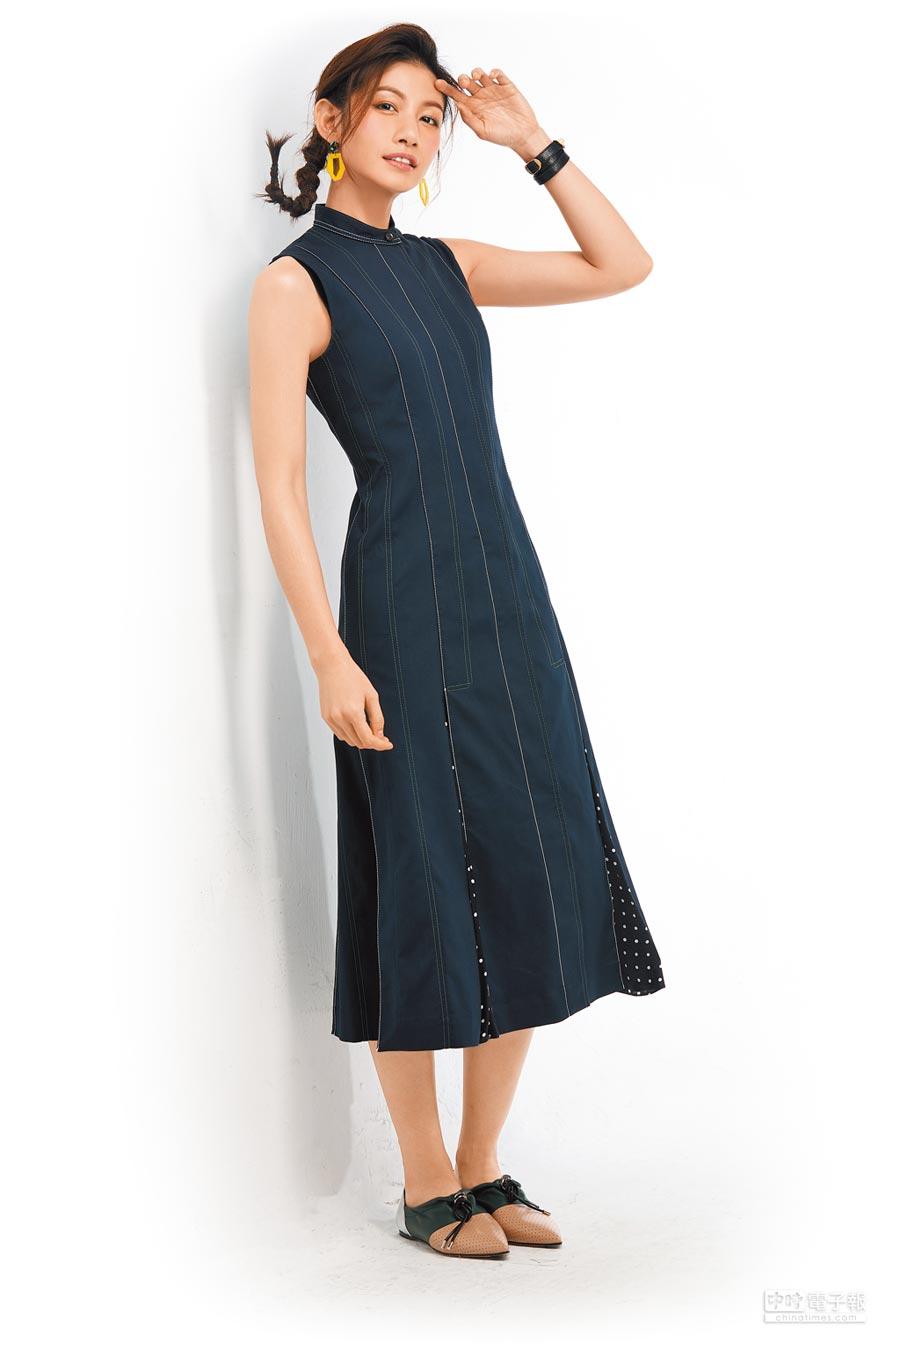 李千那將不盲從、做自己的個性融入私服造型中,並以舒服、自在、簡單描述自己的日常穿搭風格,穿SPORTMAX無袖修身連身裙5萬2600元。(JOJ PHOTO攝)